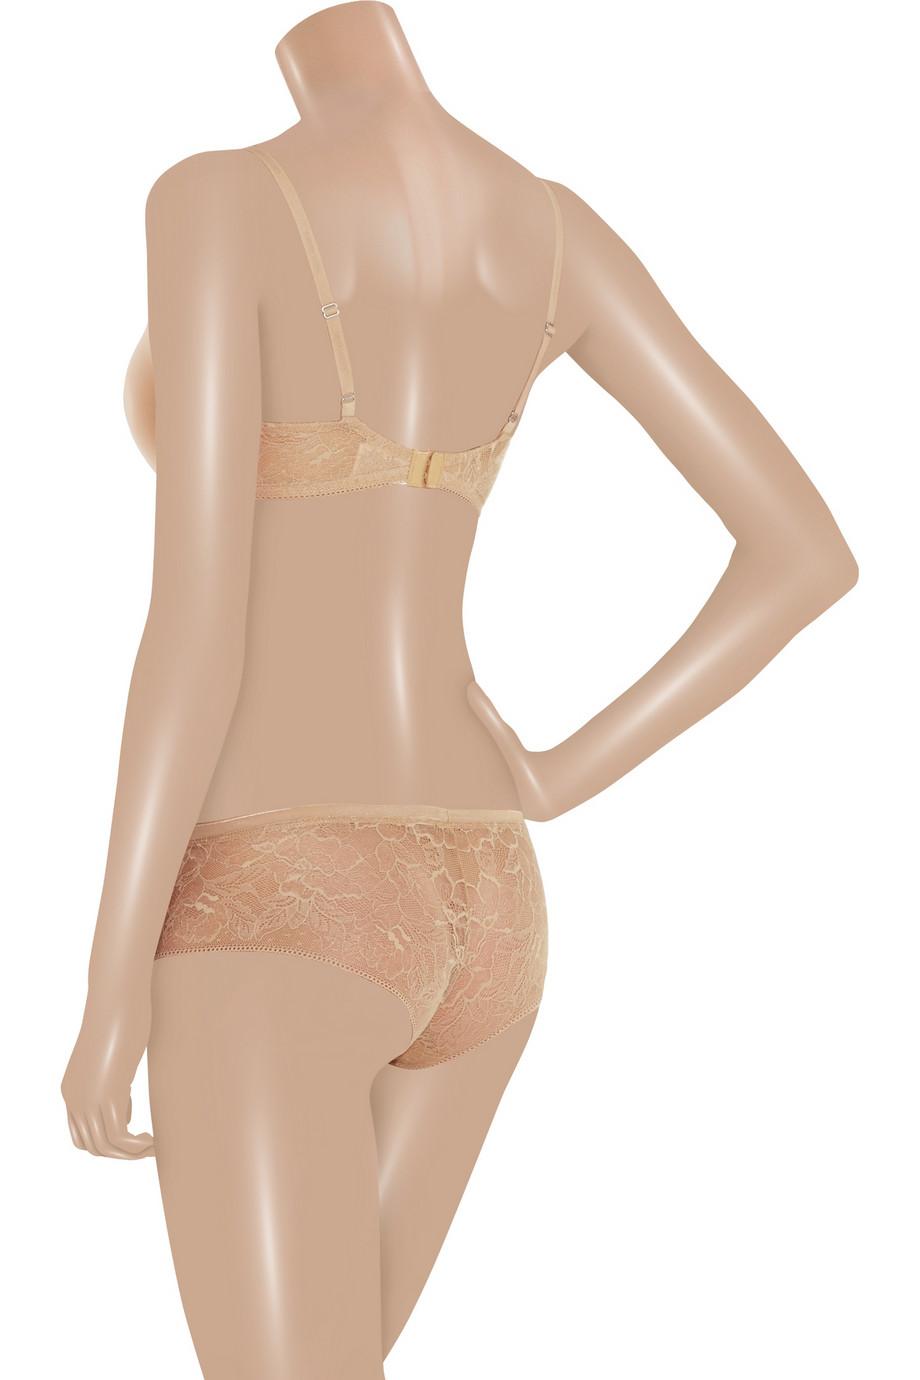 Calvin Klein Underwear Naked Glamour Sexy Contour Bra in